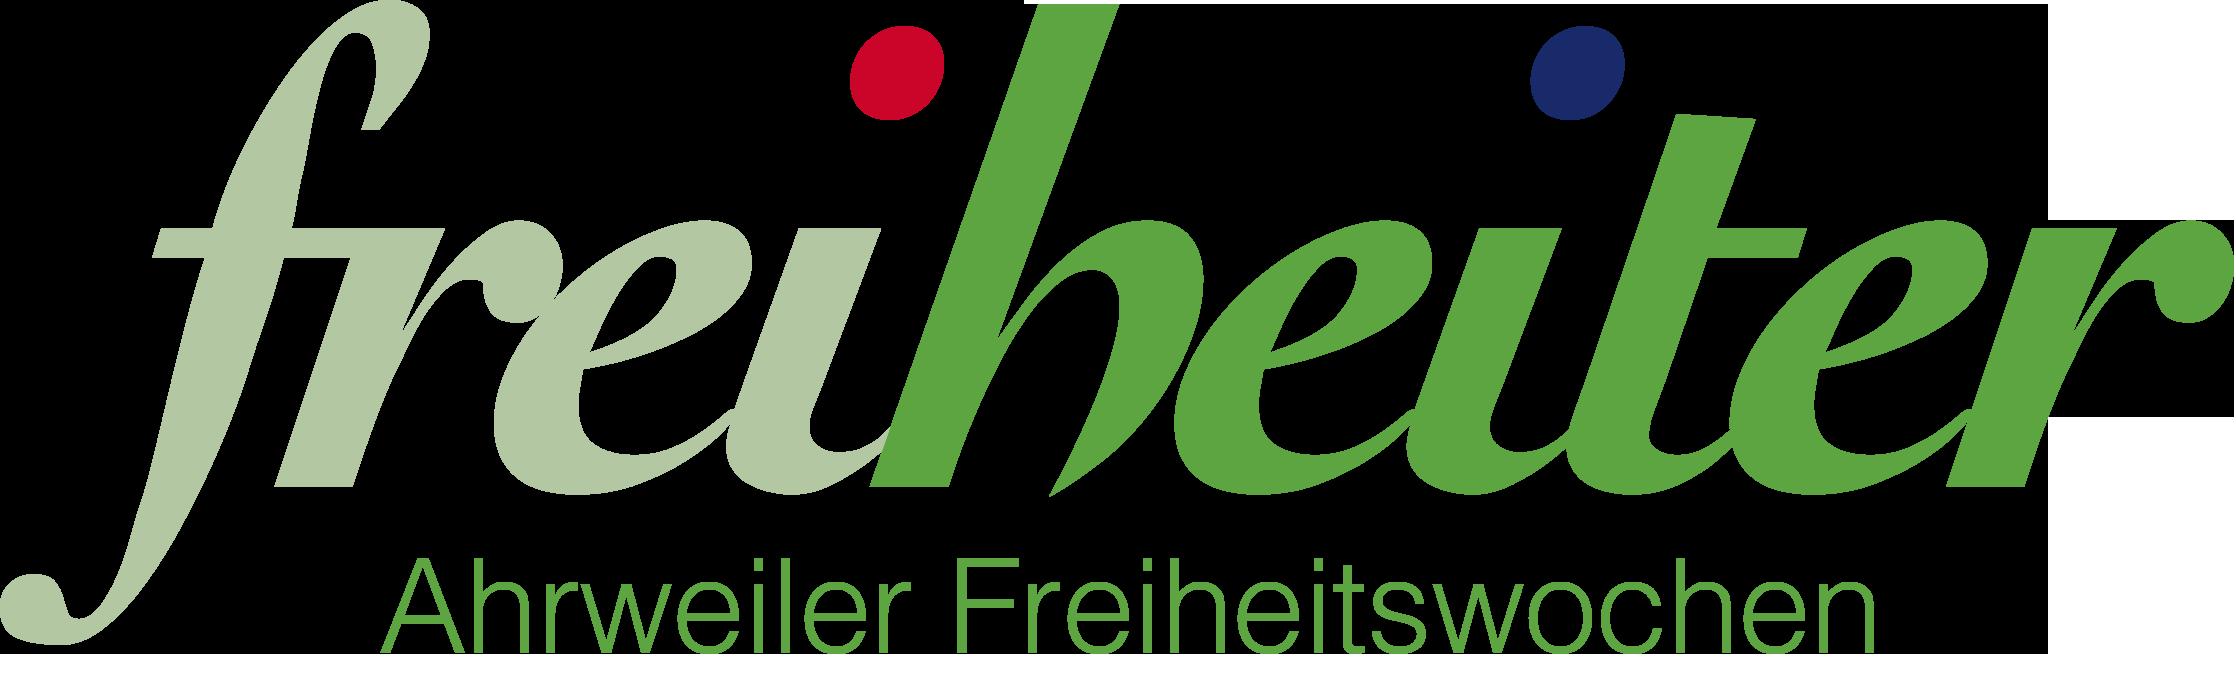 Ahrweiler Freiheitswochen